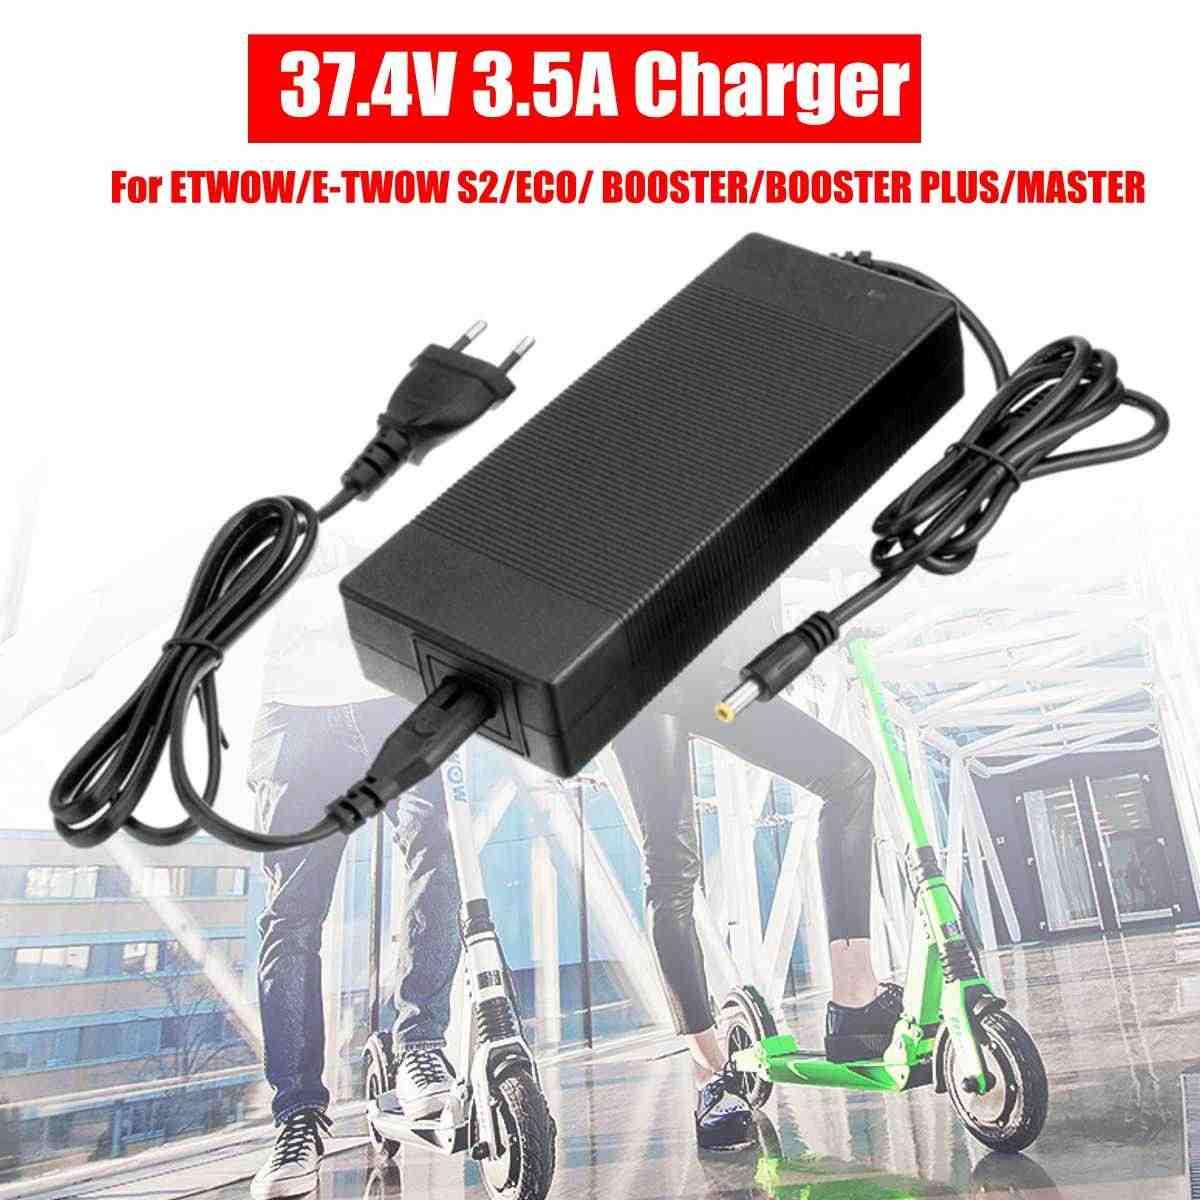 ホット販売オリジナル 37.4V3.5A プラグアダプタ充電器 ETWOW/E-TWOW S2 電動スクーターエコ/ブースター/ブースタープラス /マスター